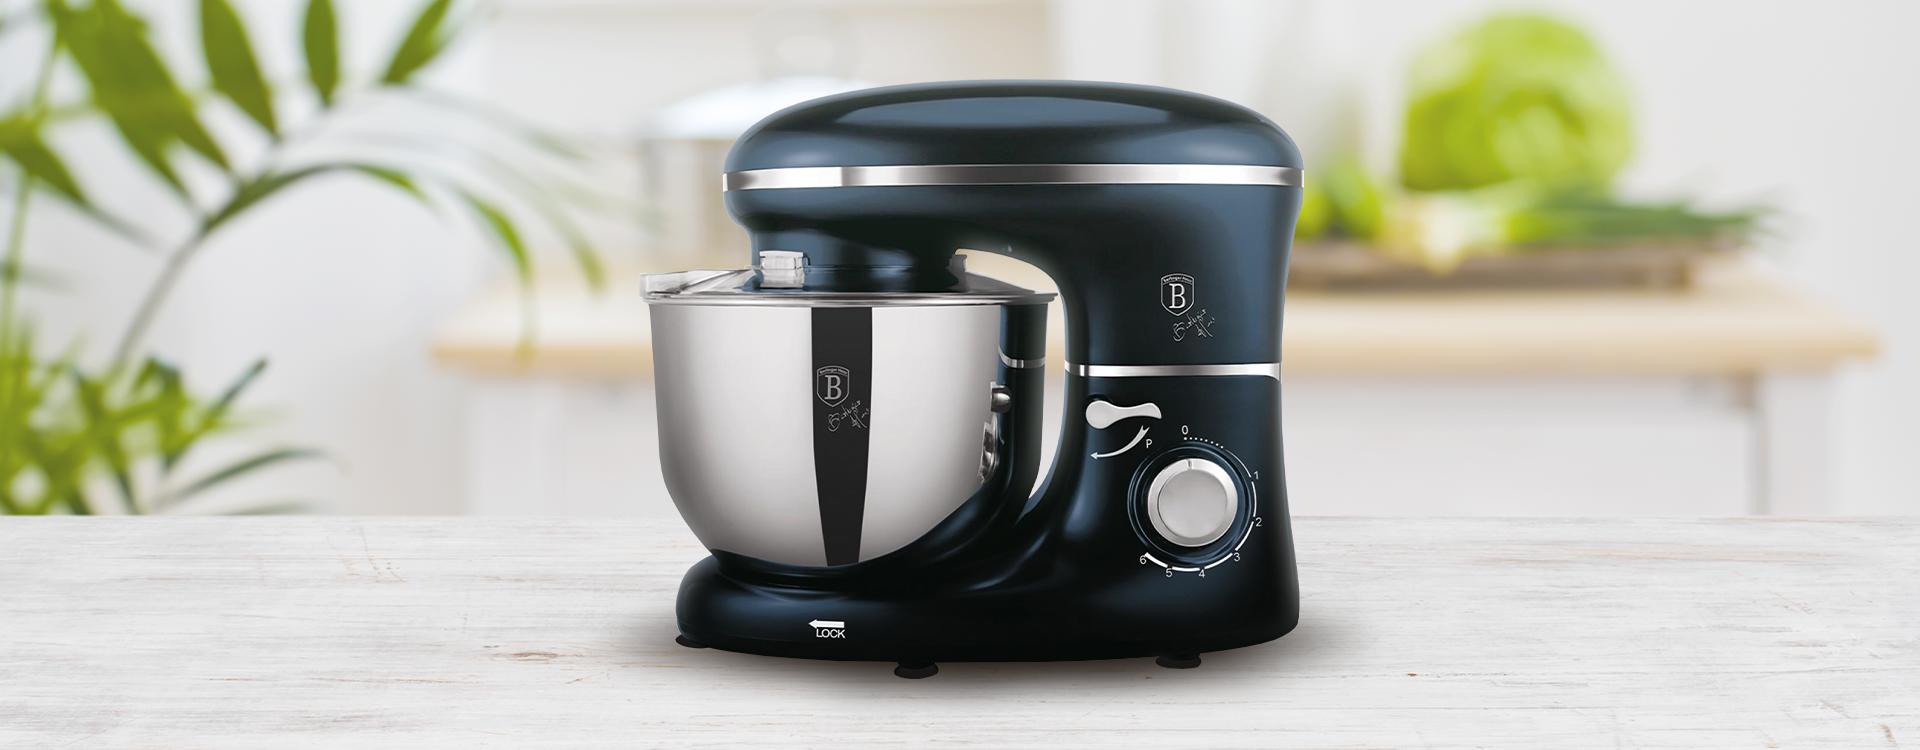 Robot kuchenny - dlaczego warto mieć go u siebie w kuchni?